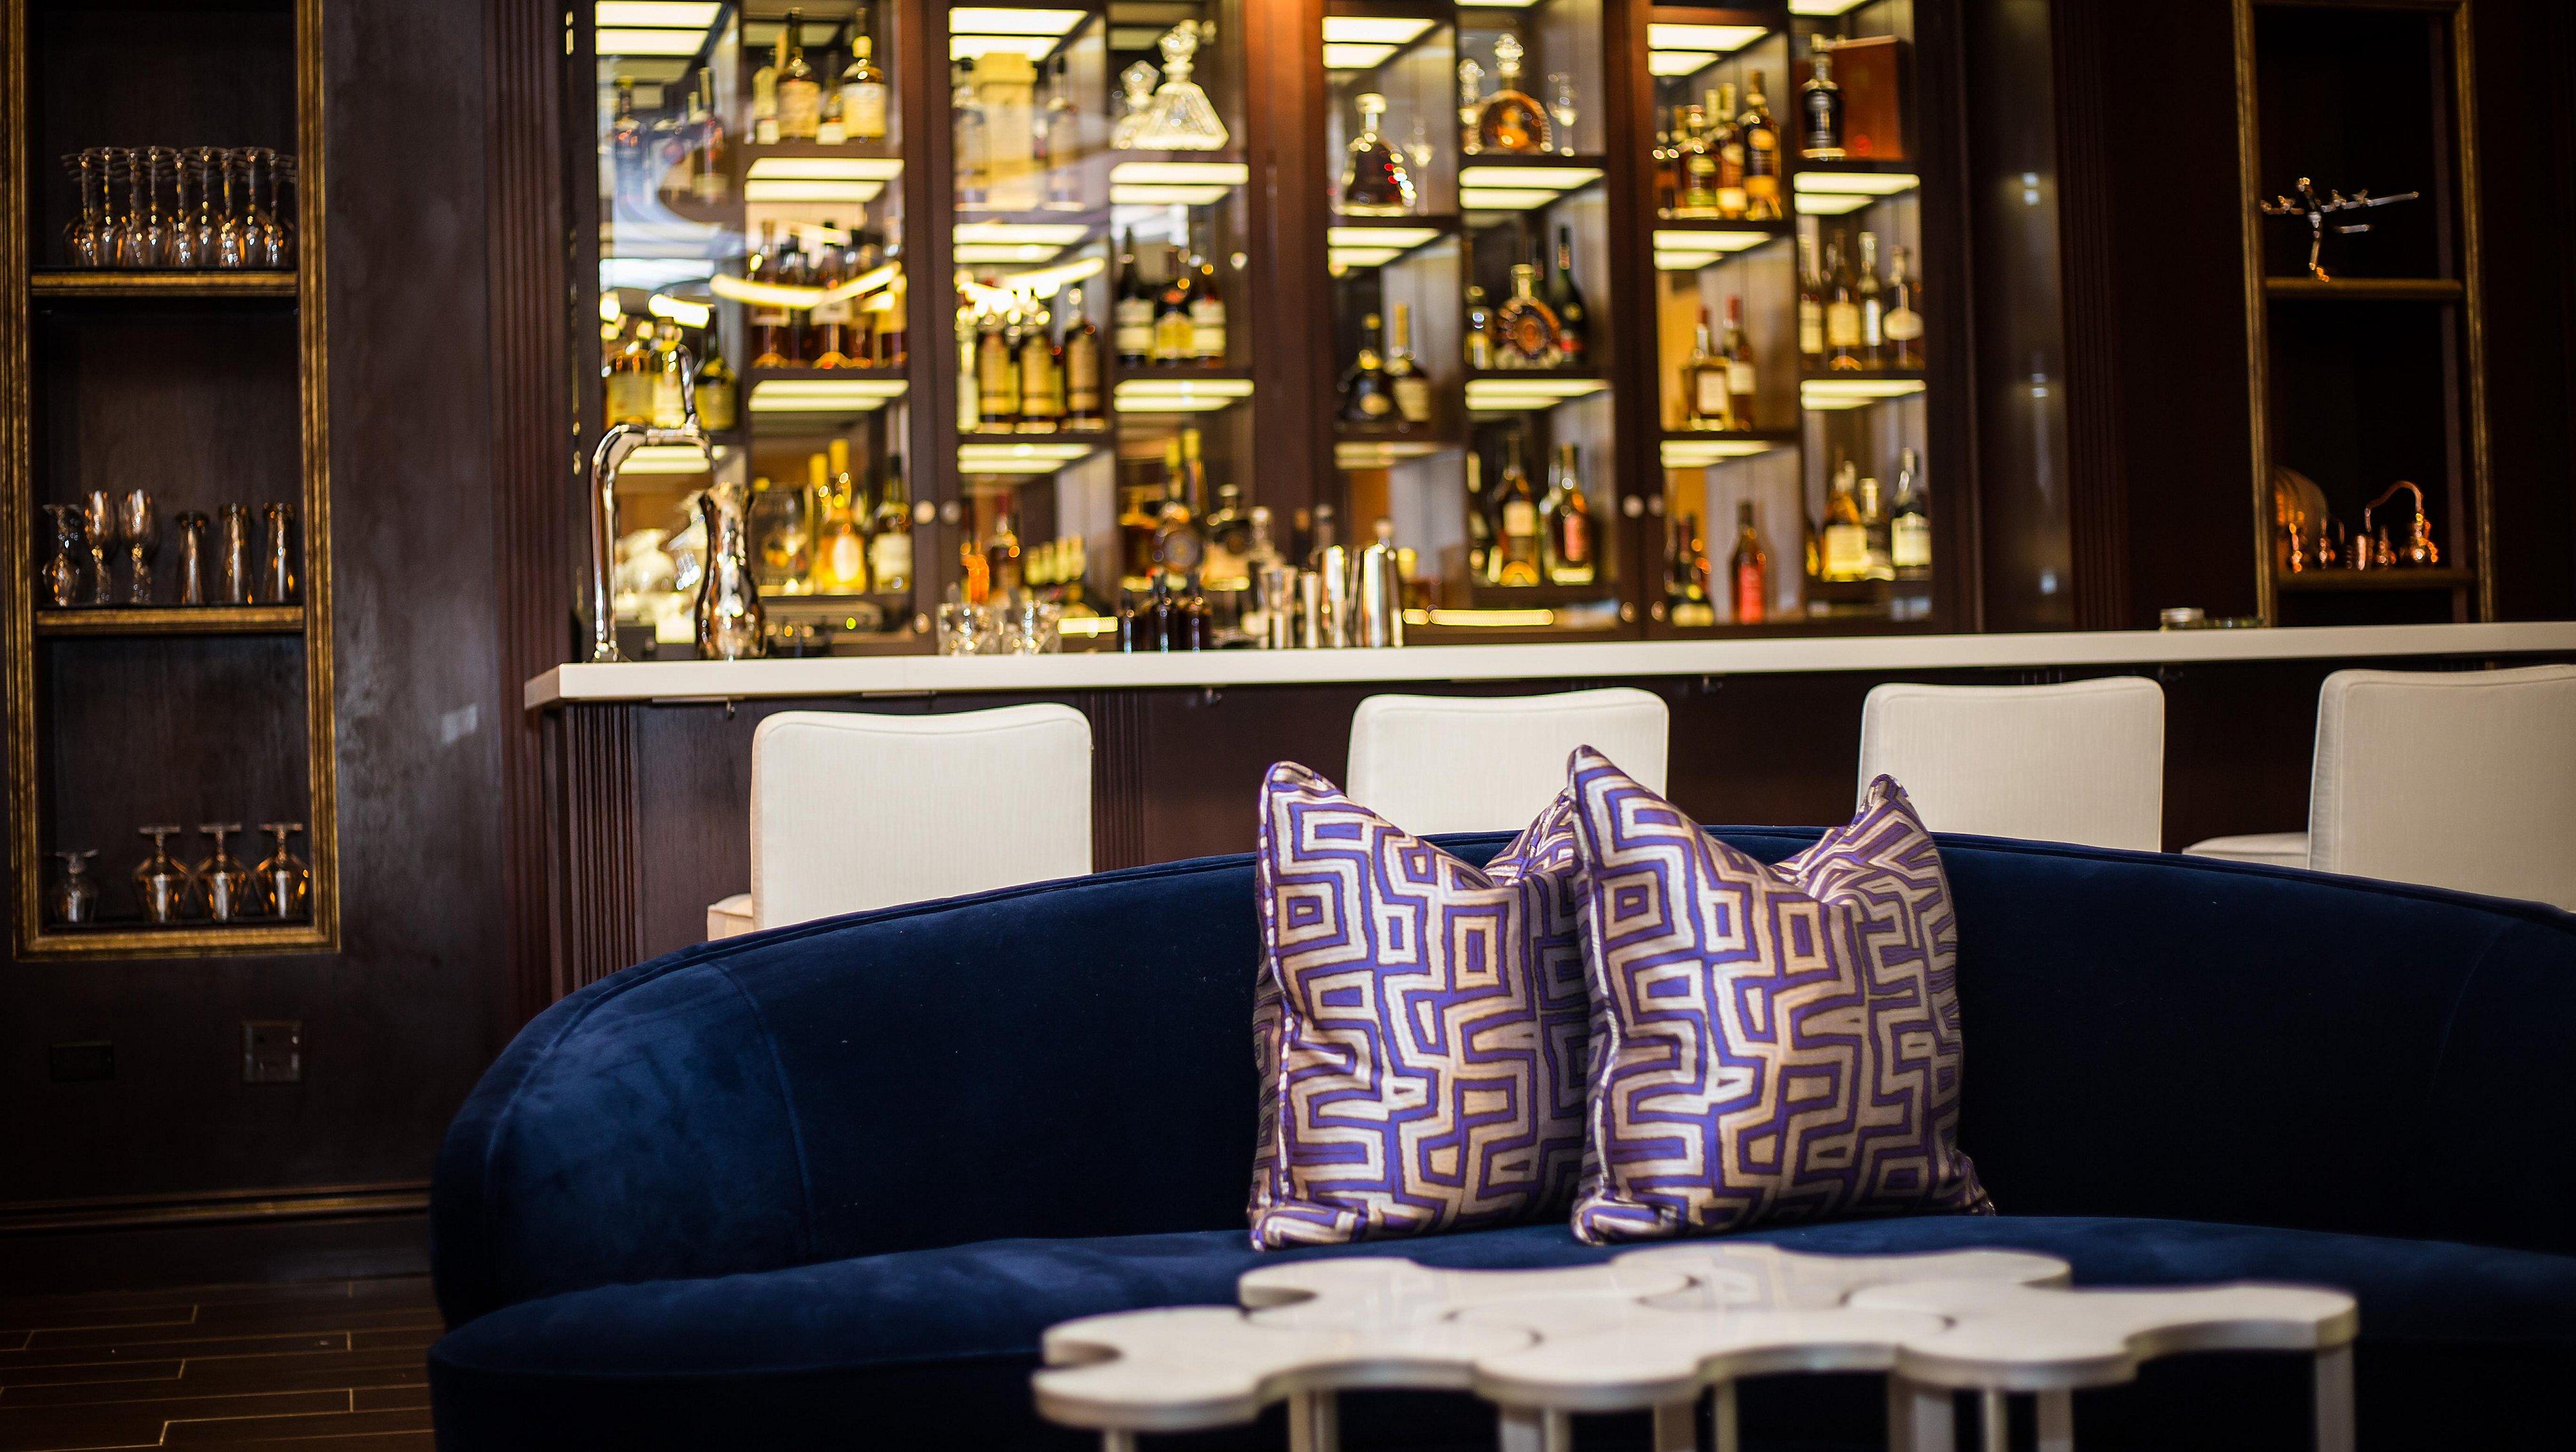 Kimpton Marlowe Hotel in Cambridge MA | Kimpton Hotels